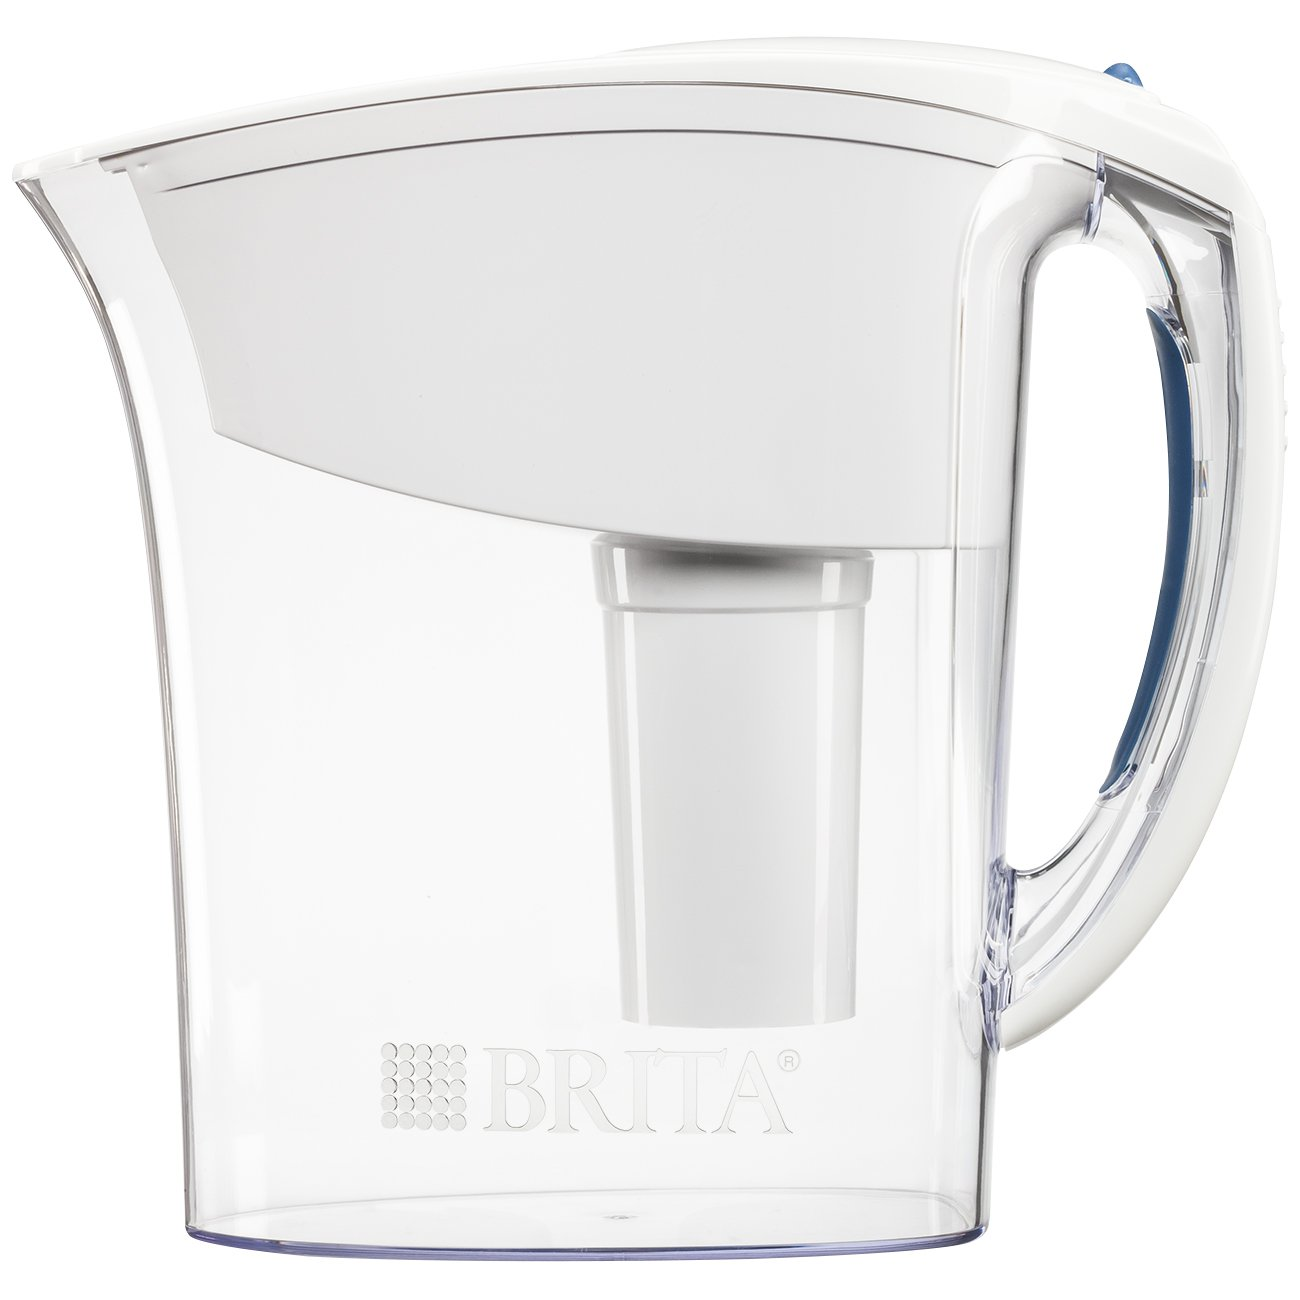 Brita atlantis water filter pitcher